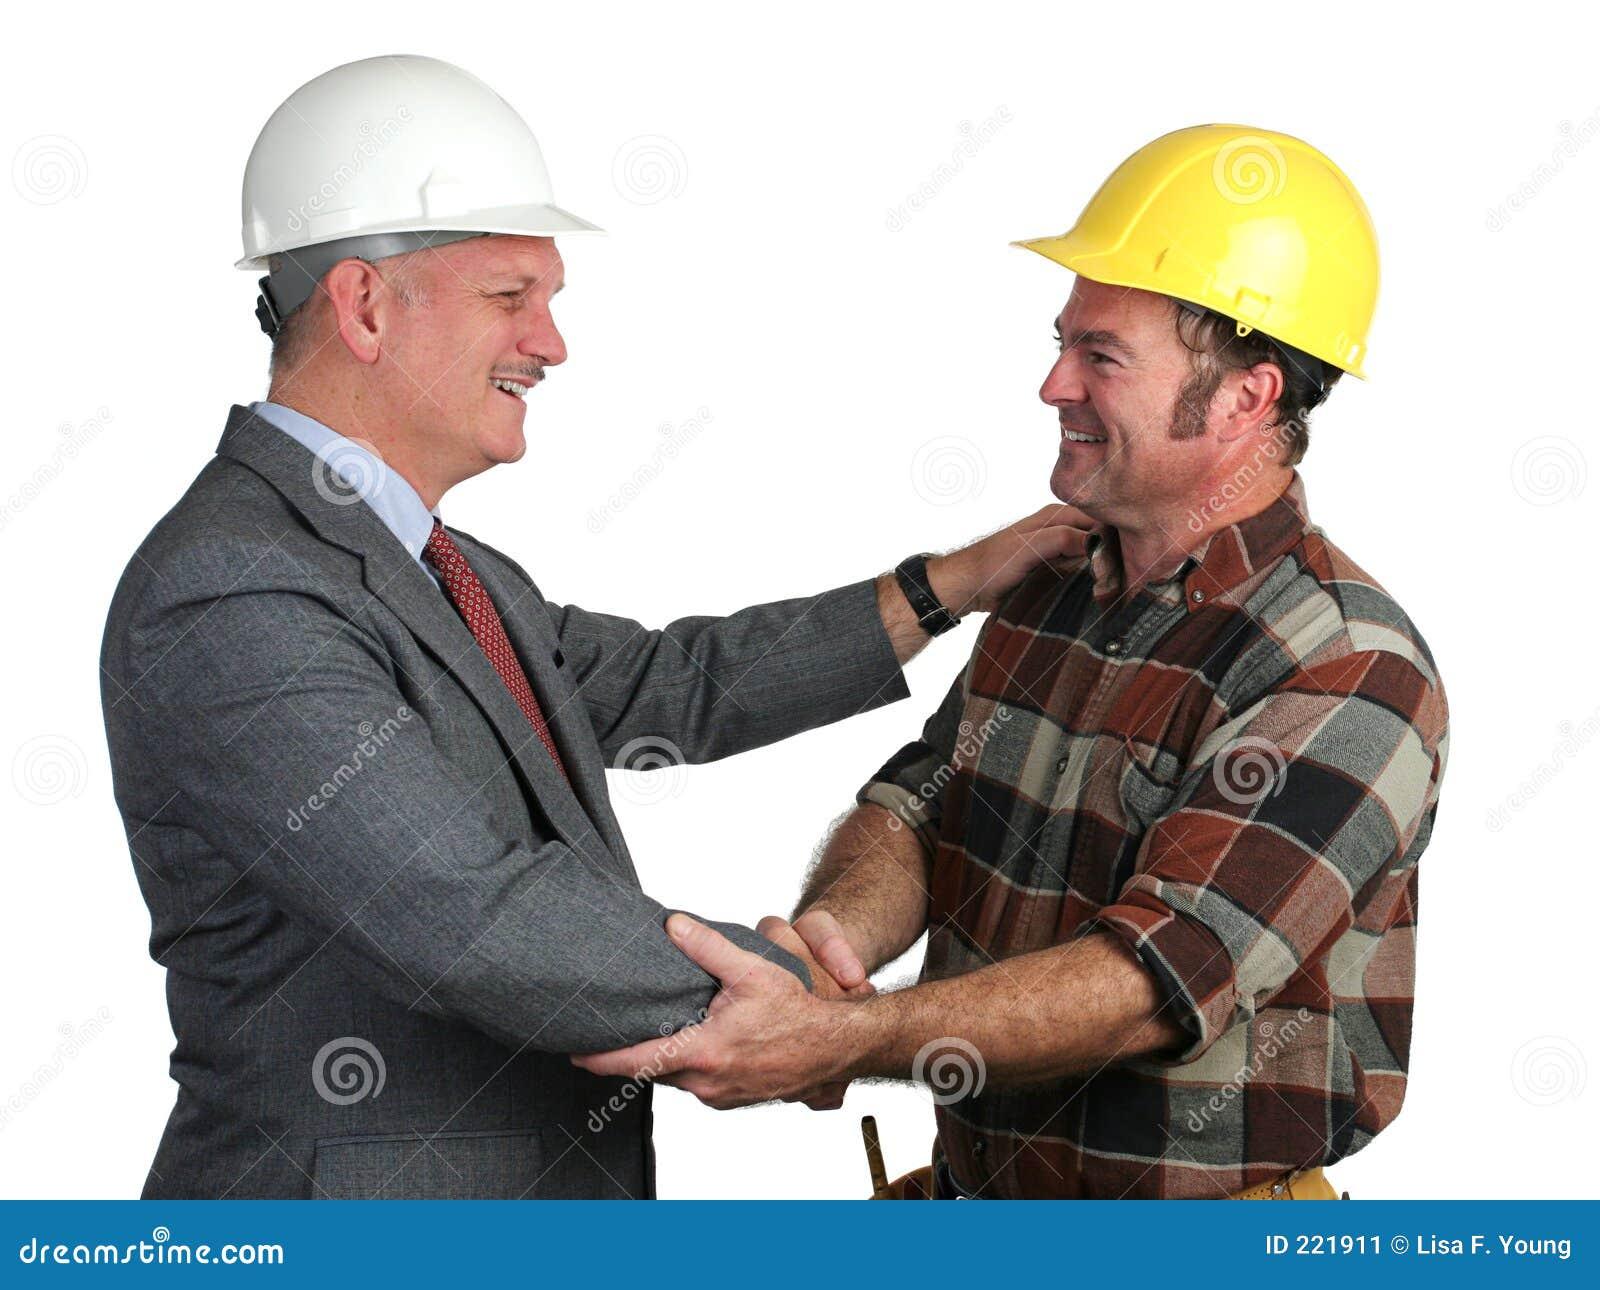 Imagens De Cumprimento: Cumprimento Do Local De Trabalho Imagem De Stock